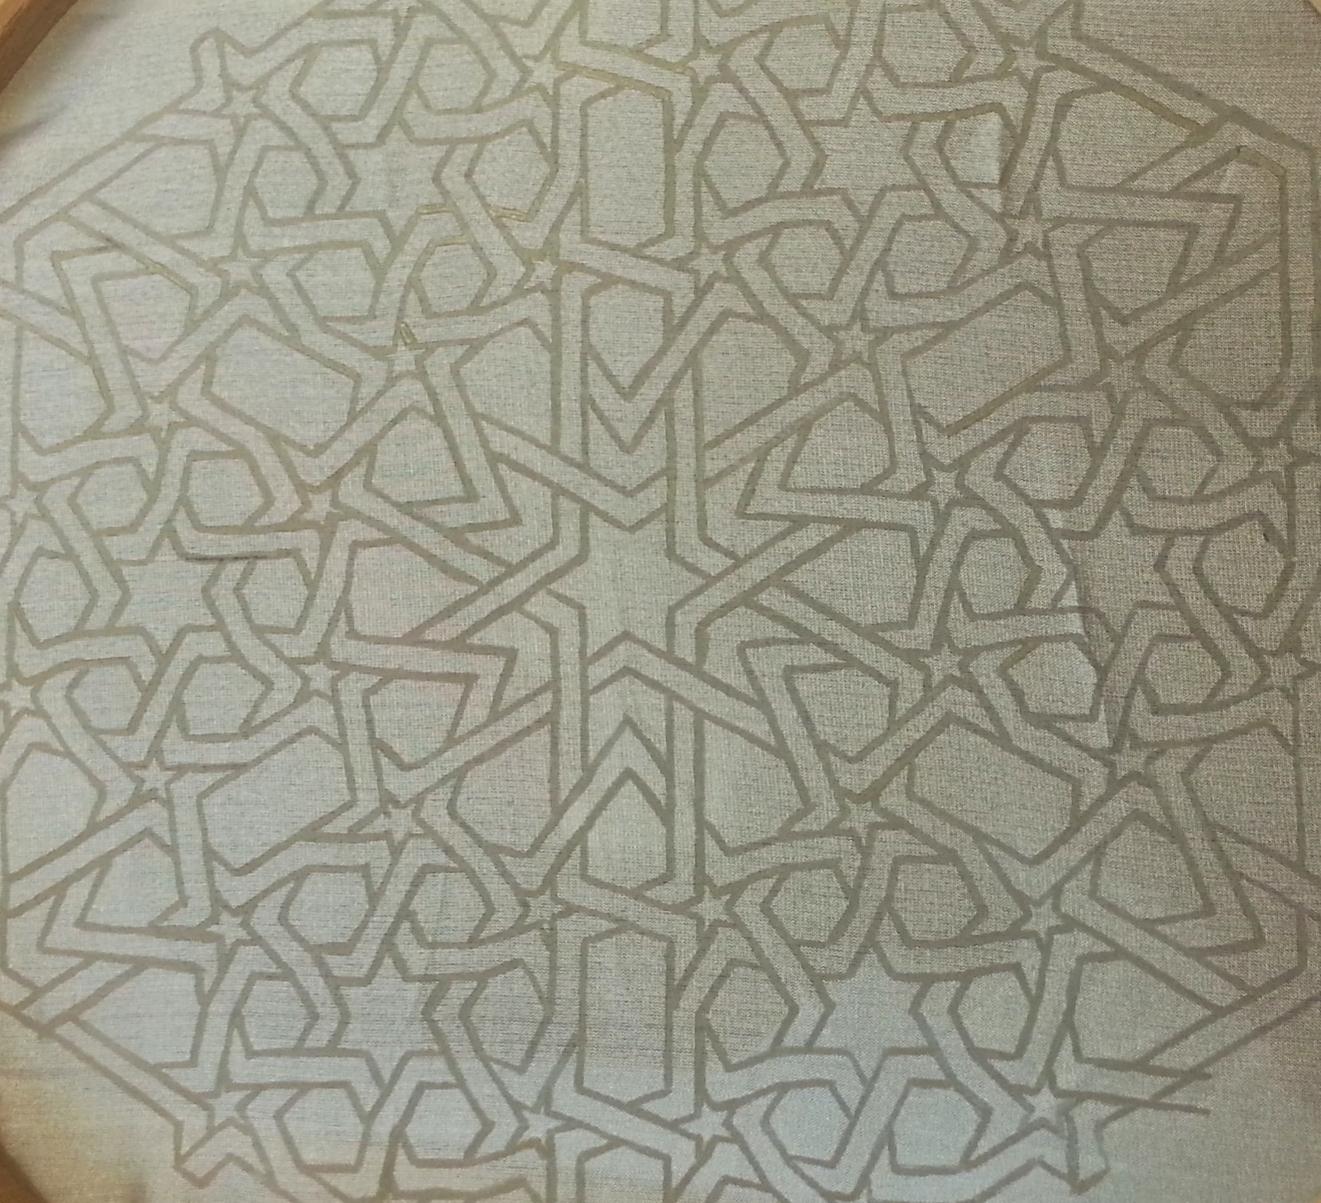 Work in Progress ~ Islamic Art, Geometry, Pattern Design, Shaheen Kasmani